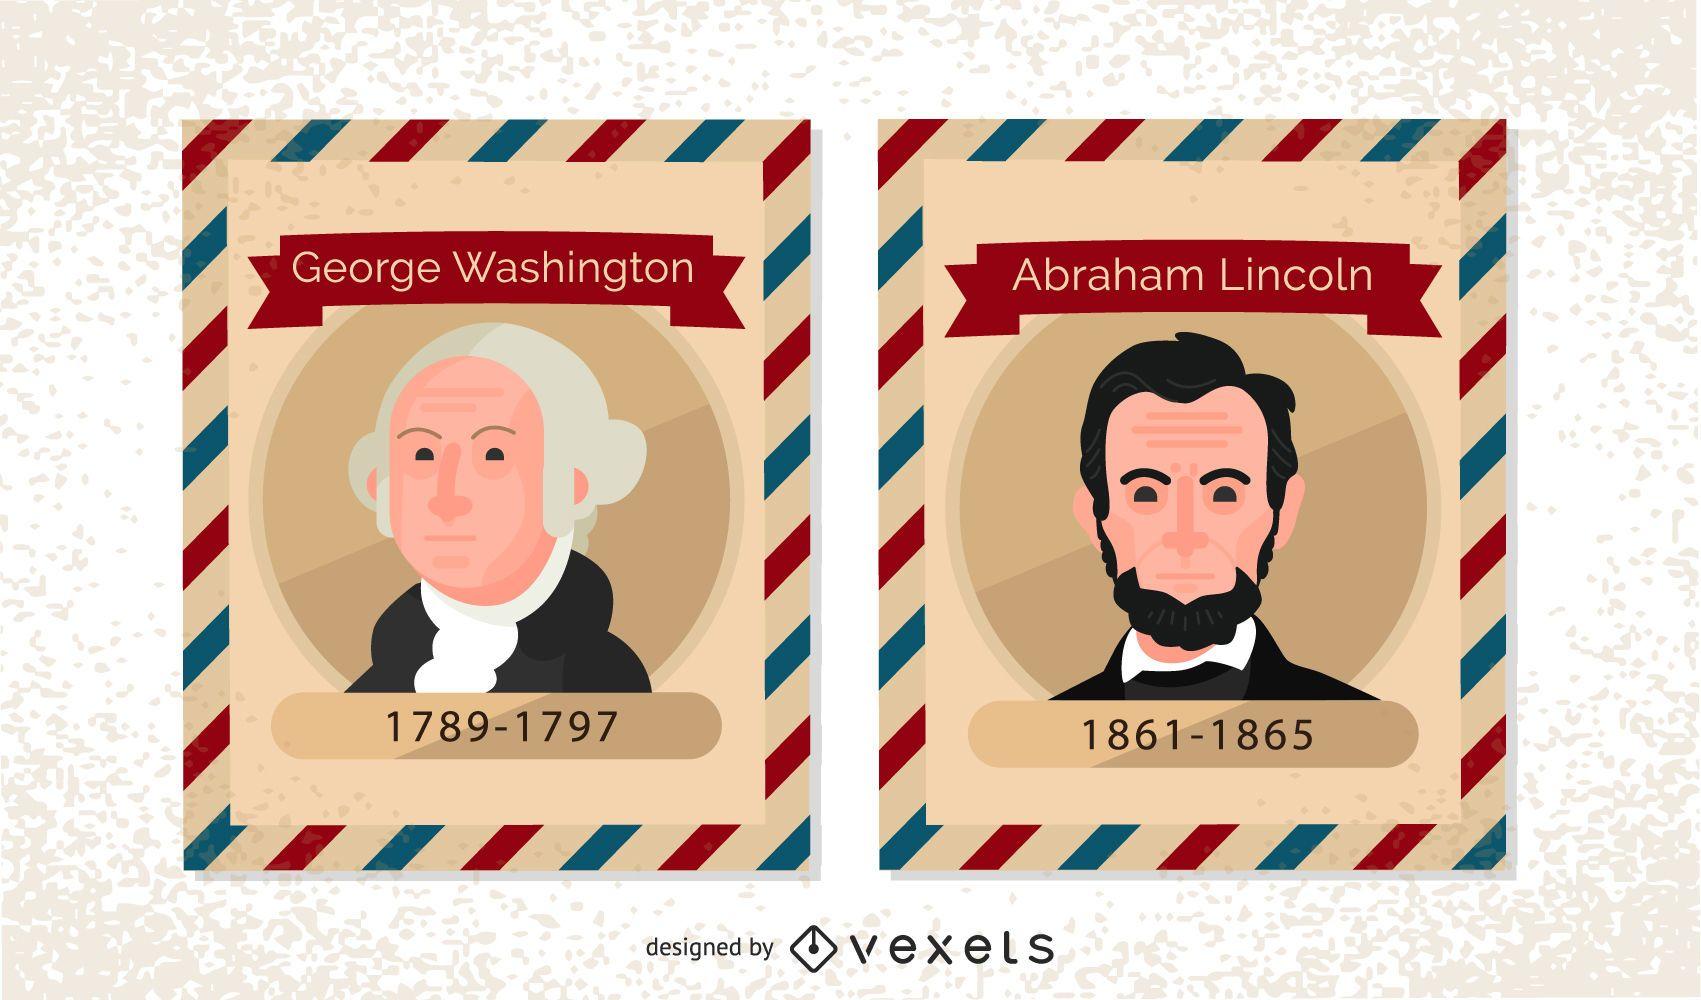 Vintage US President Postage Stamps